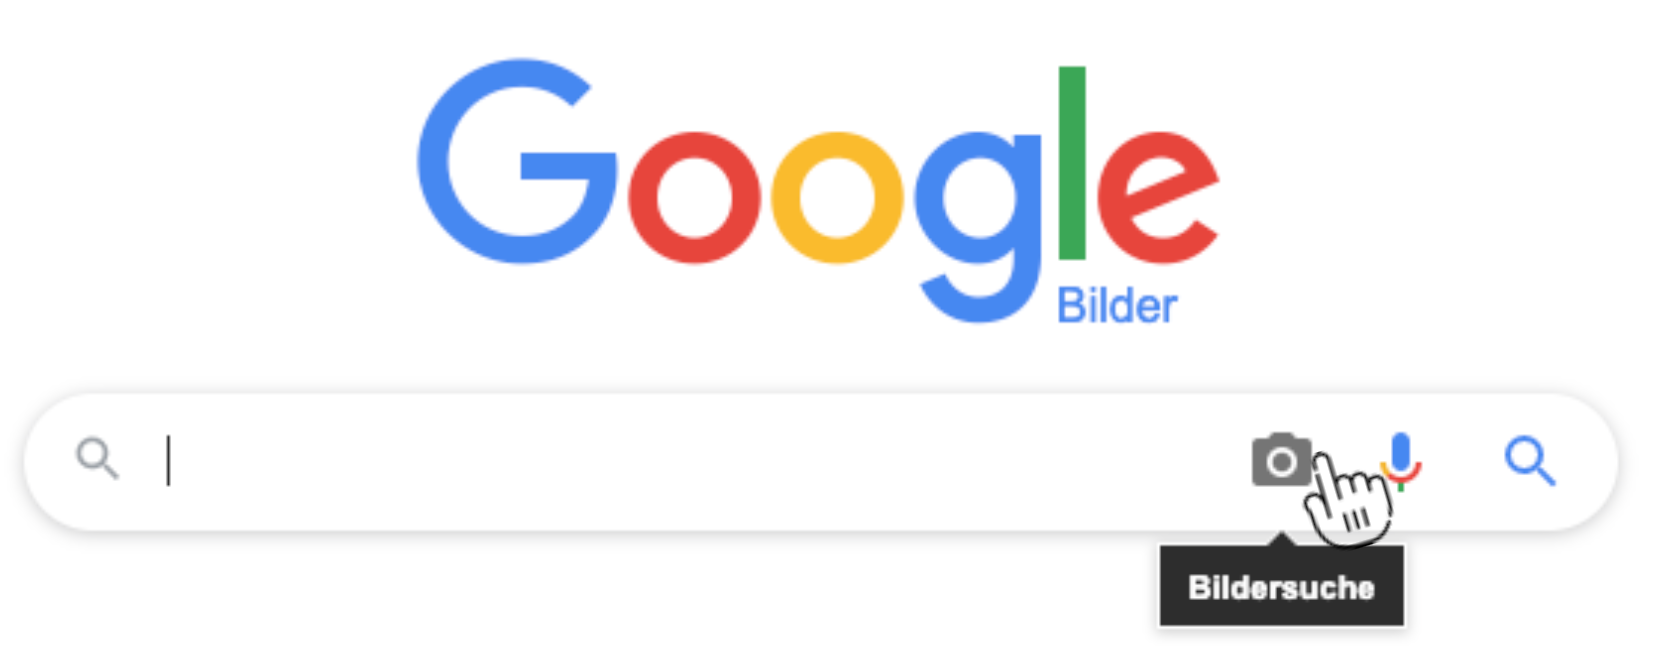 Die umgekehrte Bildersuche auf Google